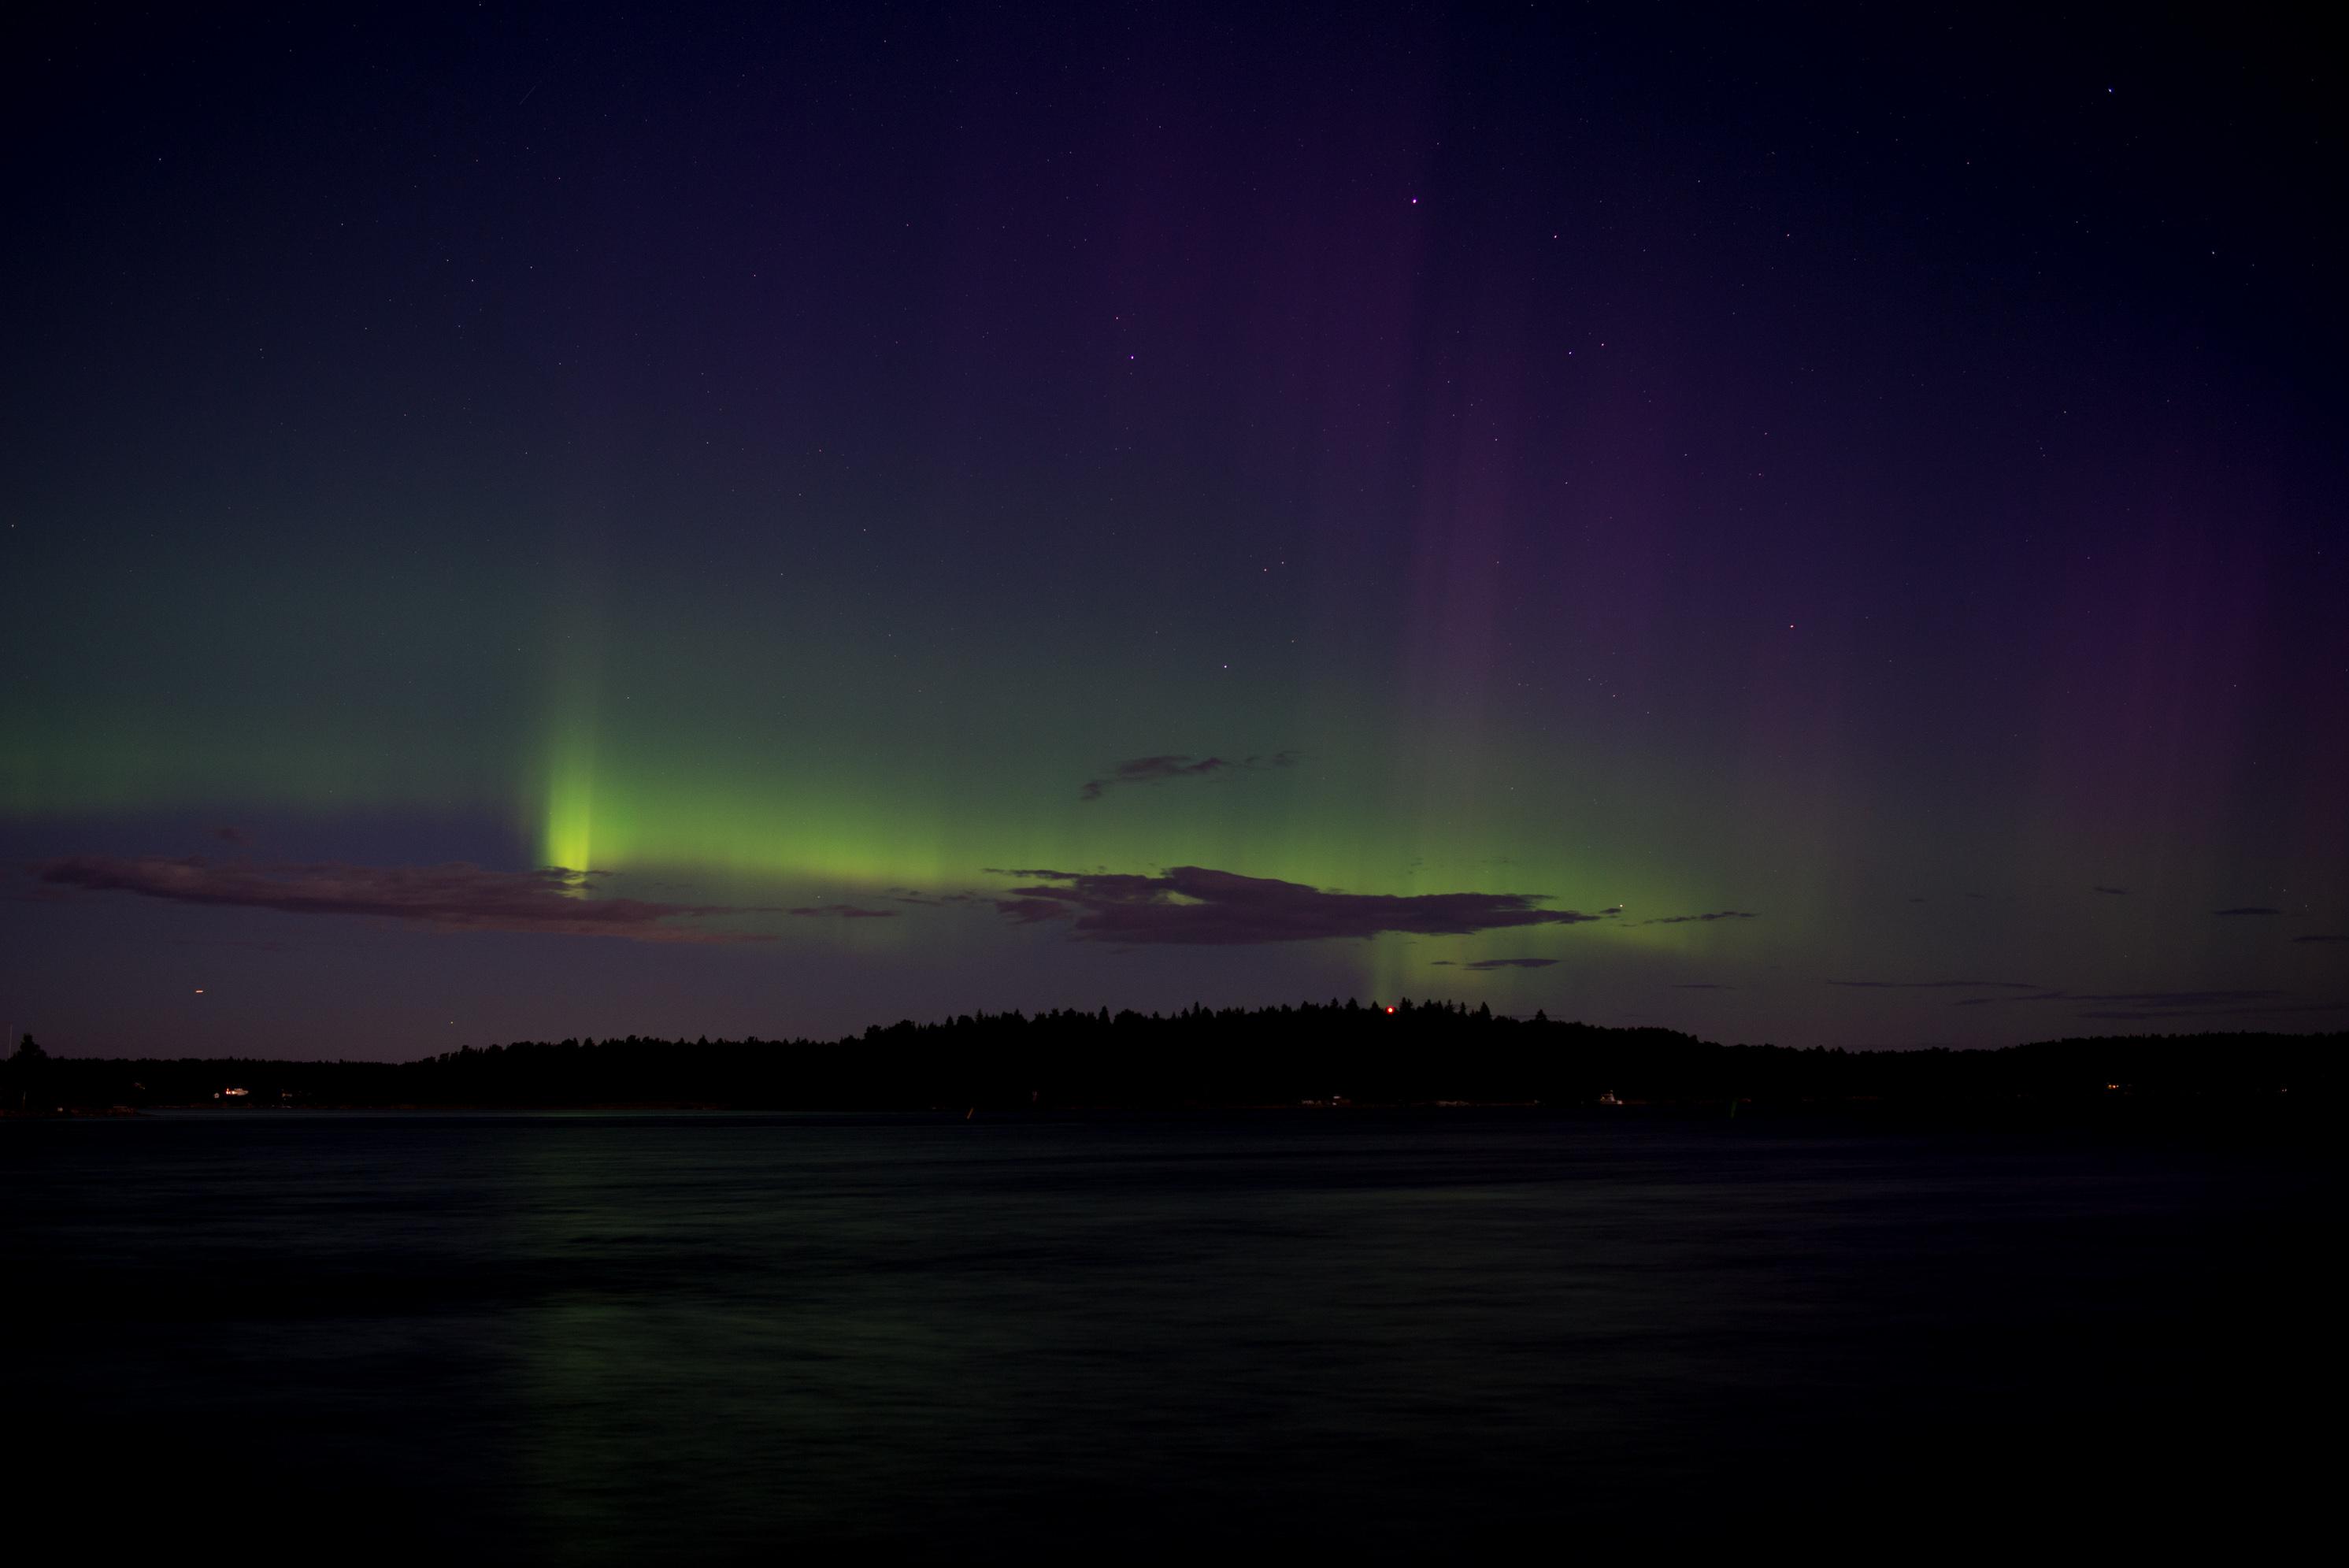 couche ou se forment les aurores